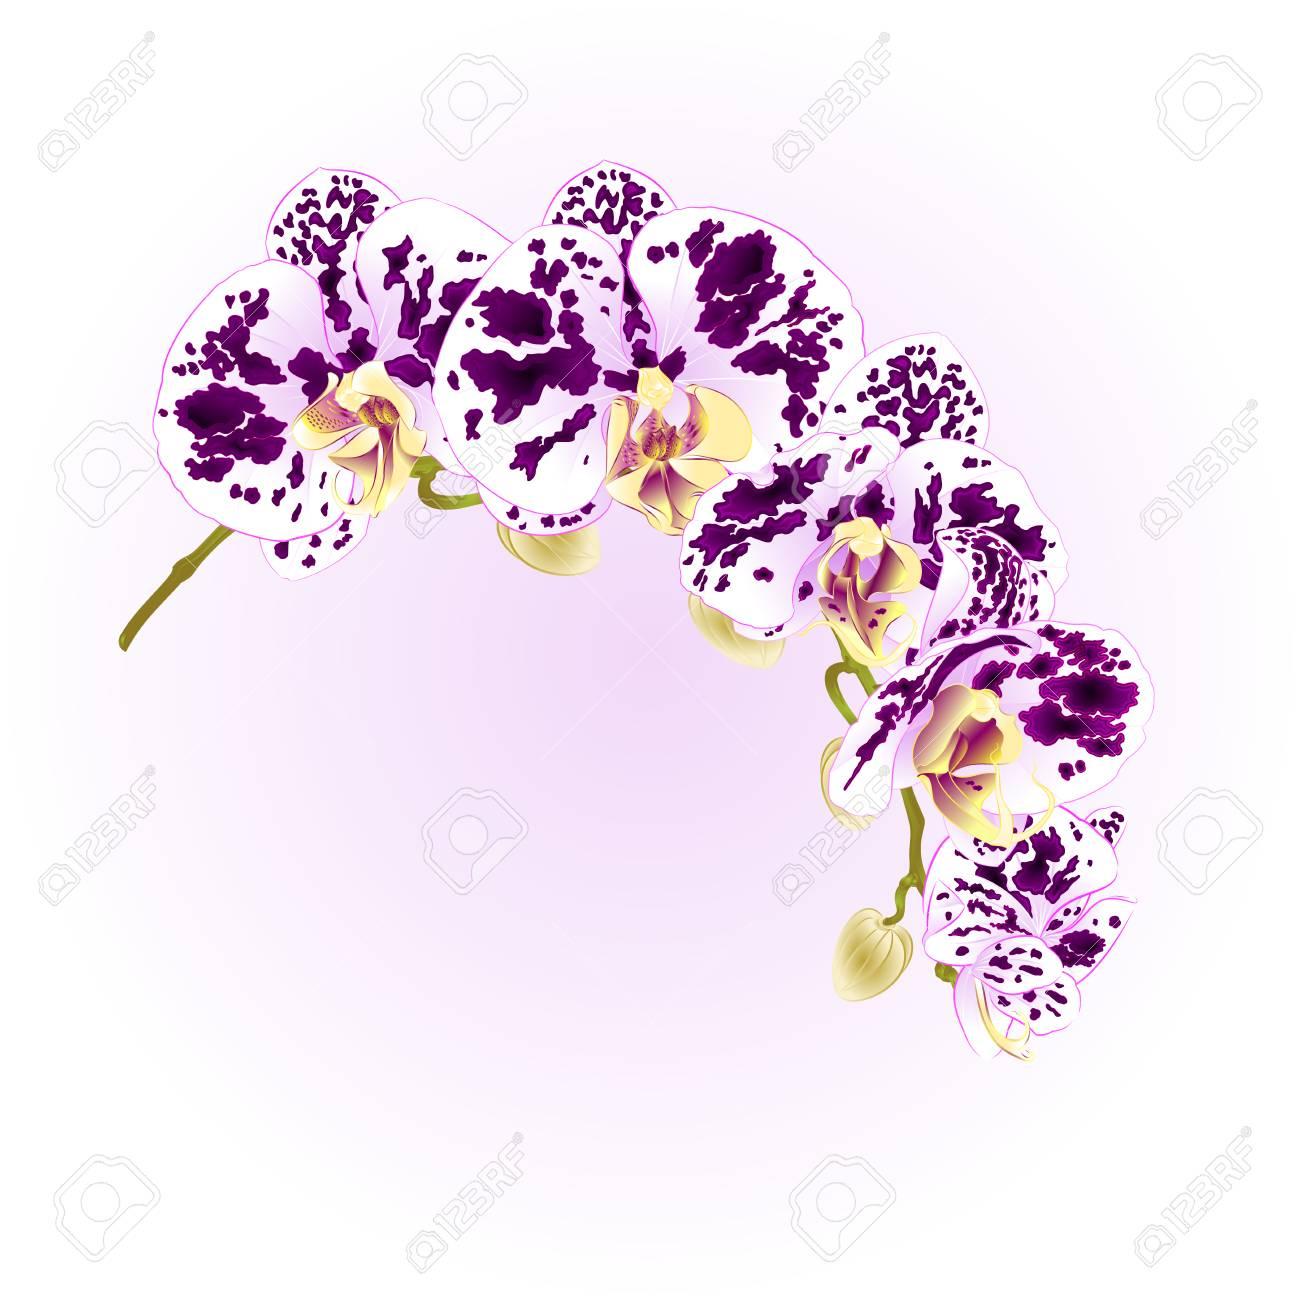 美しい分離胡蝶蘭ベクトル イラストのイラスト素材ベクタ Image